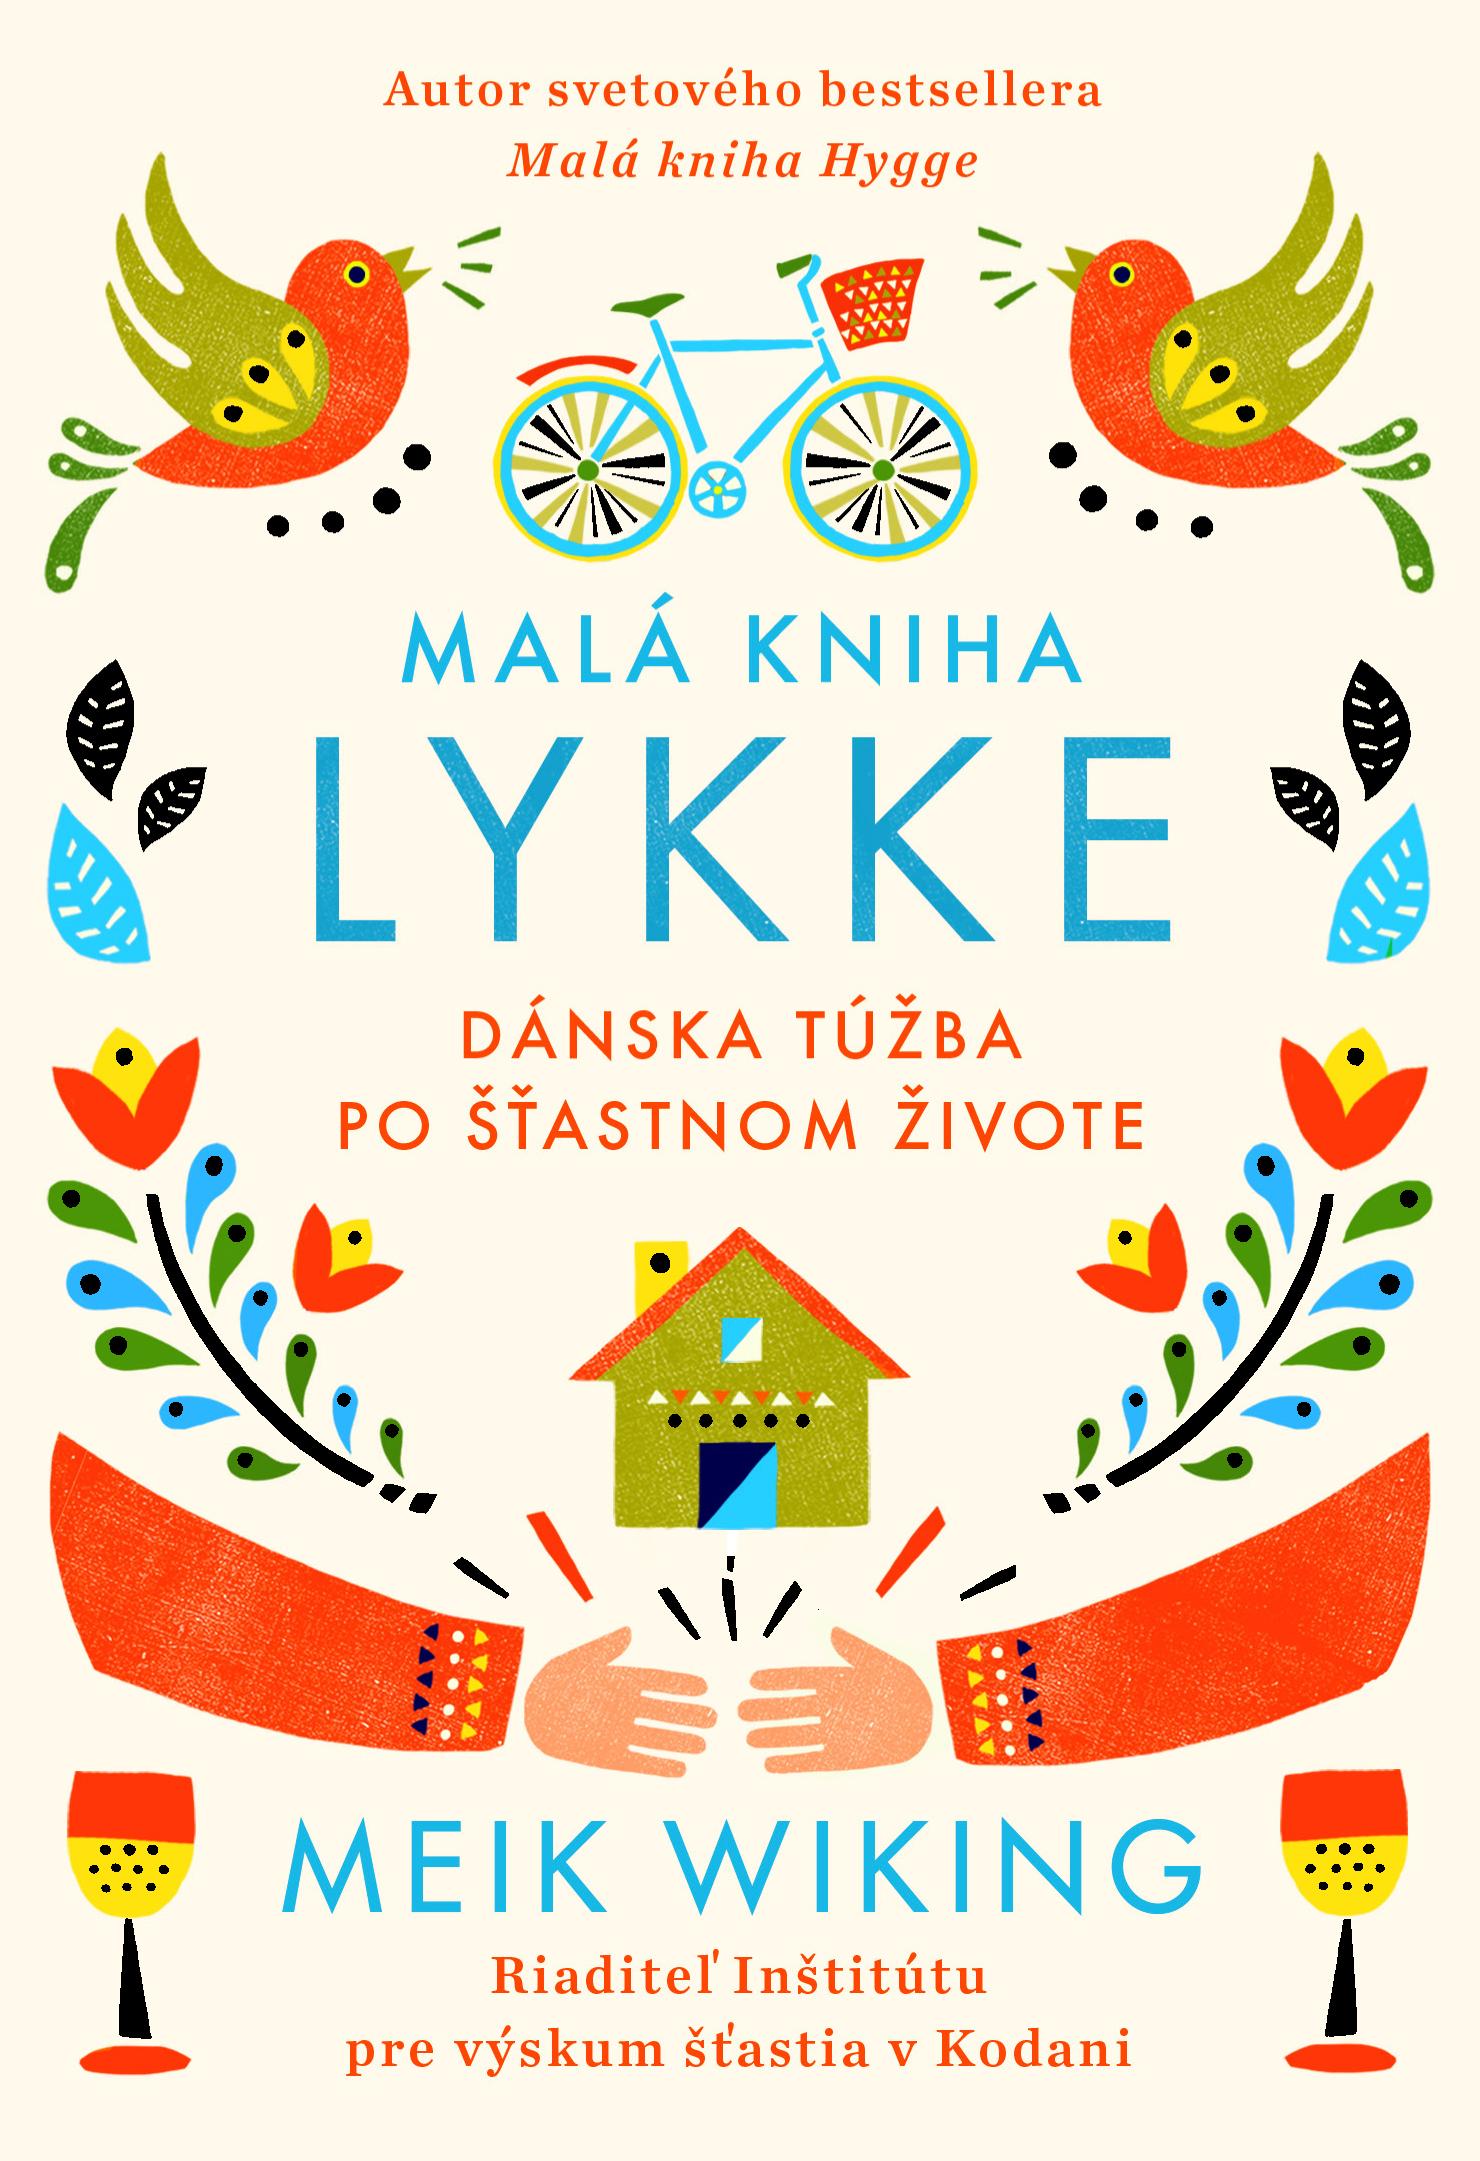 Malá kniha lykke - Dánska túžba po šťastnom živote